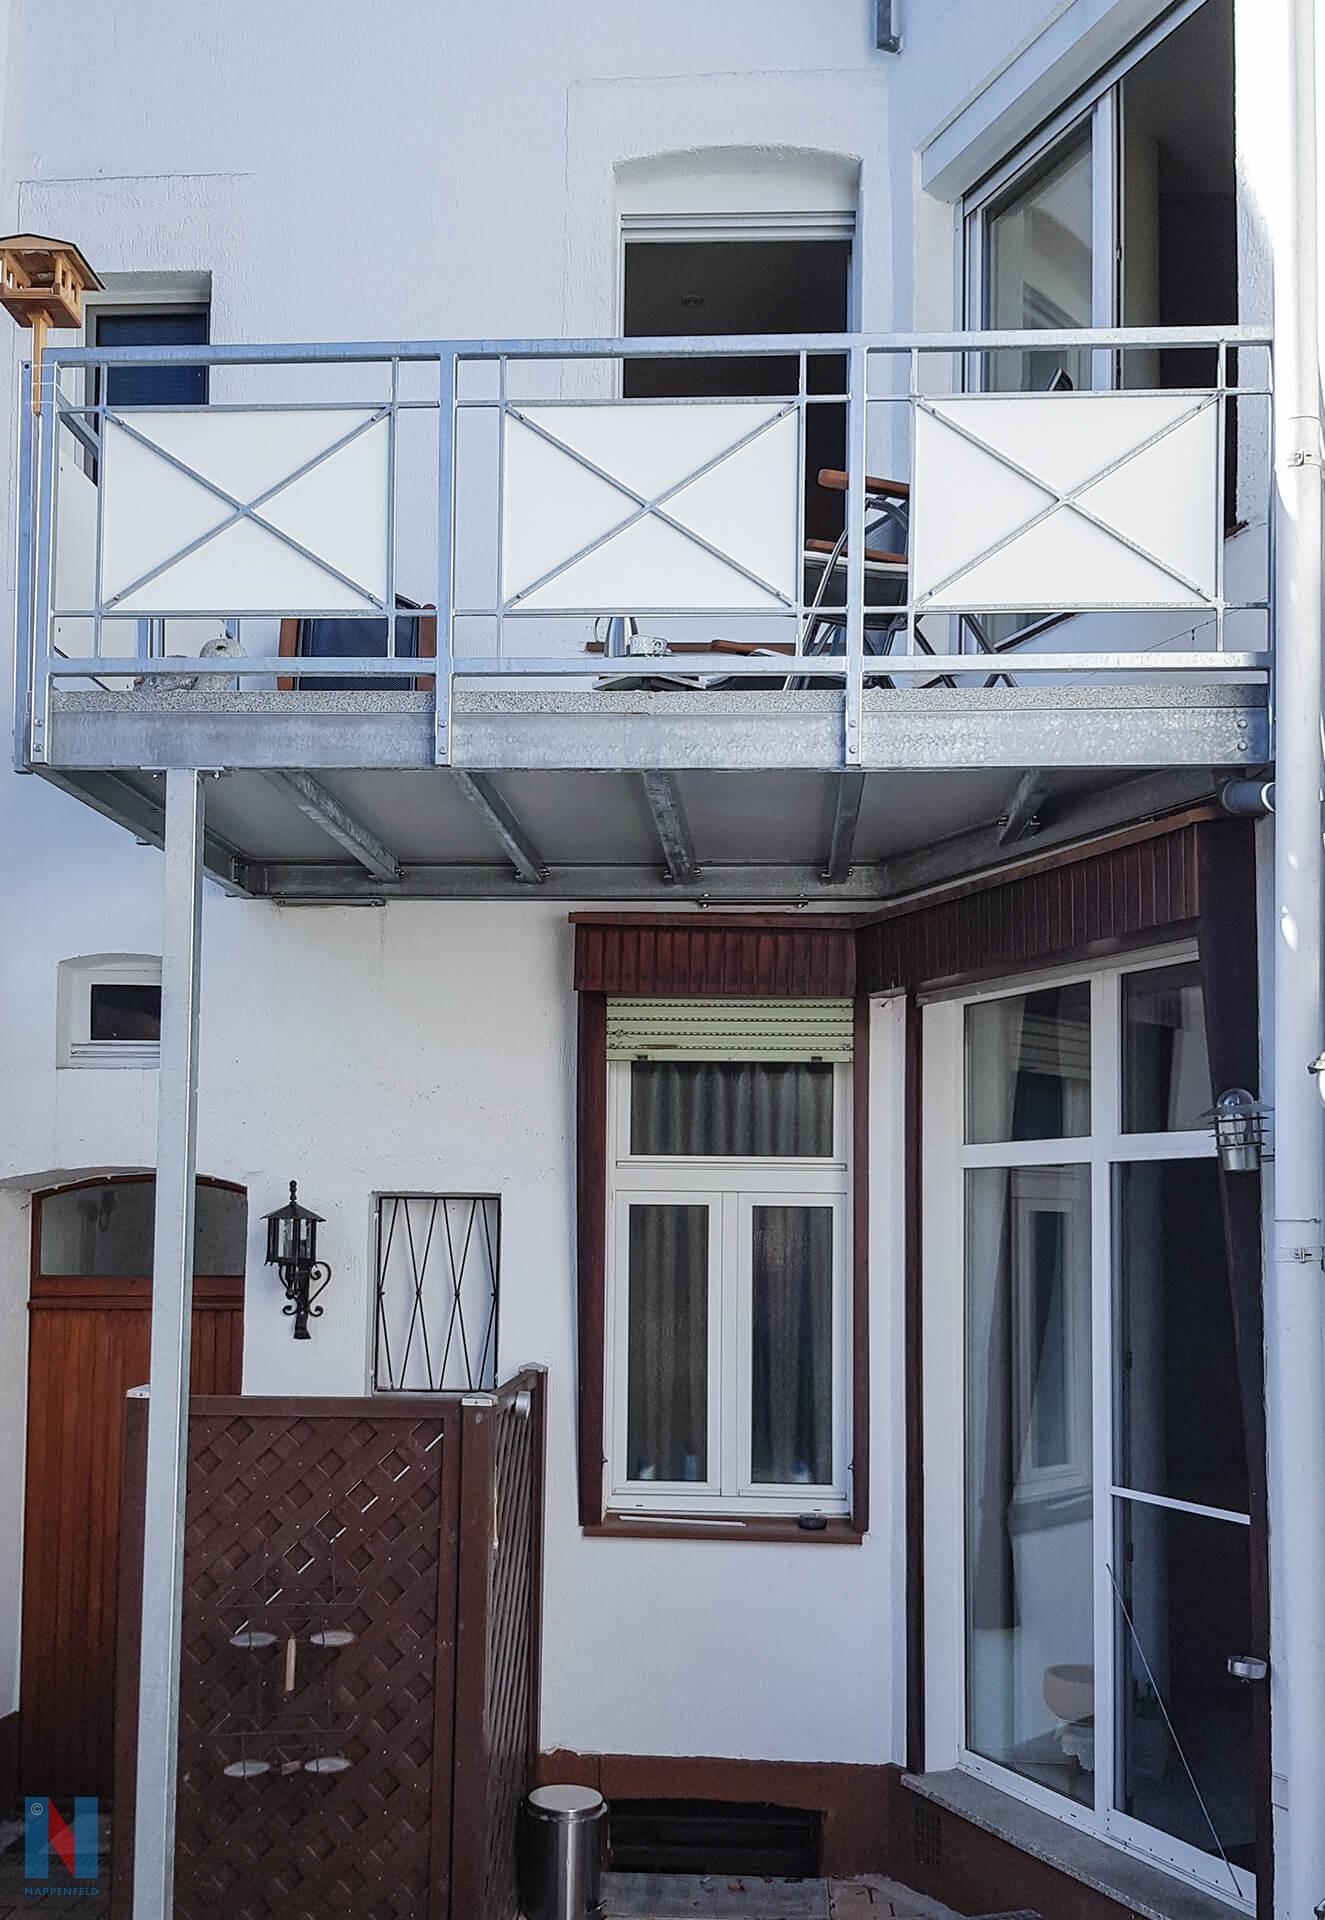 Exakt an die Nische angepasst, montierte der Edelstahl-Experte Nappenfeld den verzinkten Balkon in der schwierigen Position in Mühlheim